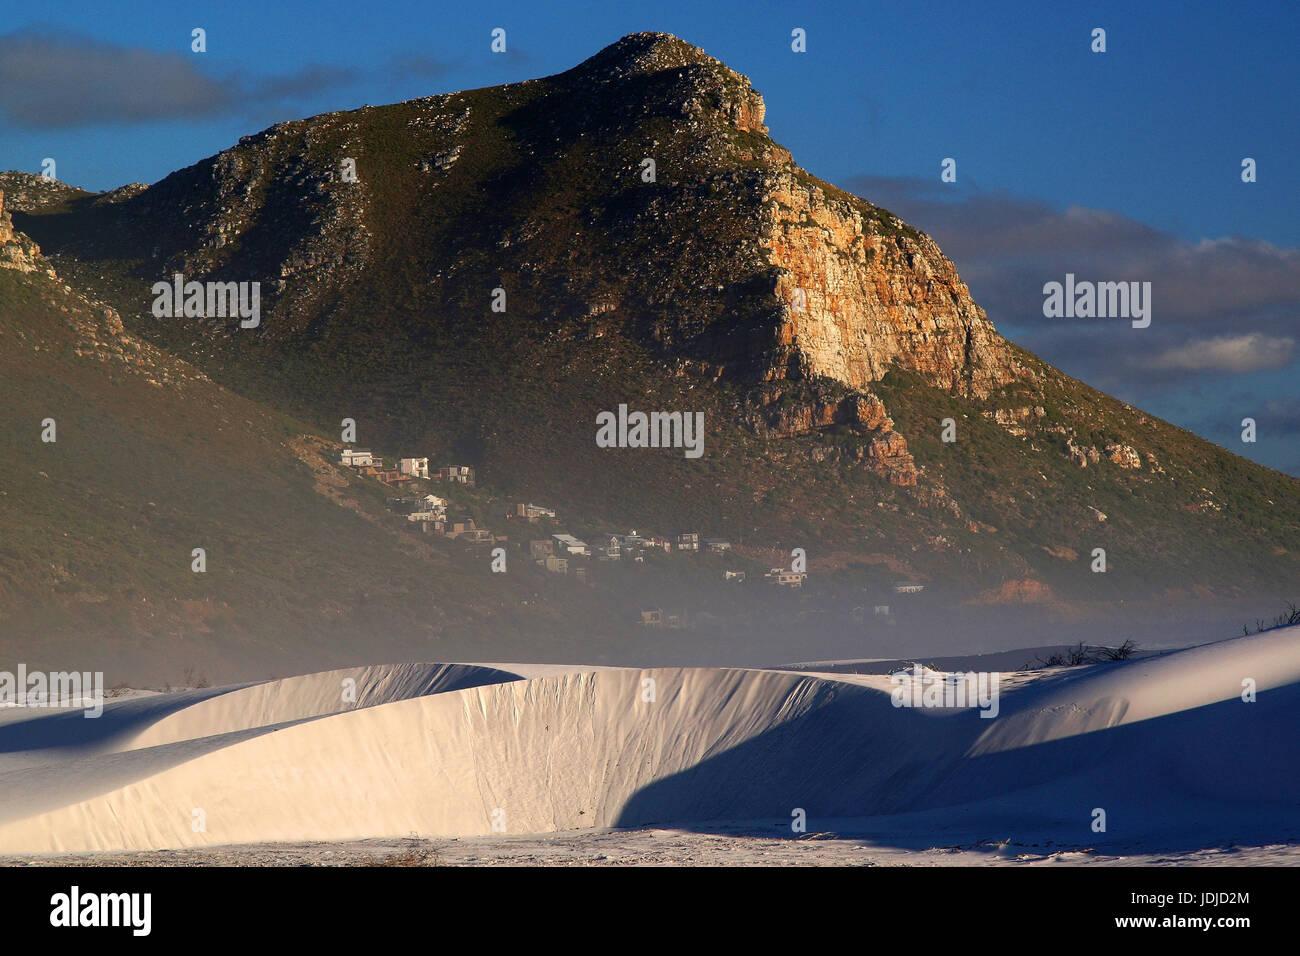 South Africa, Capetown, Bo Kaap, Bo-Kaap, - Stock Image